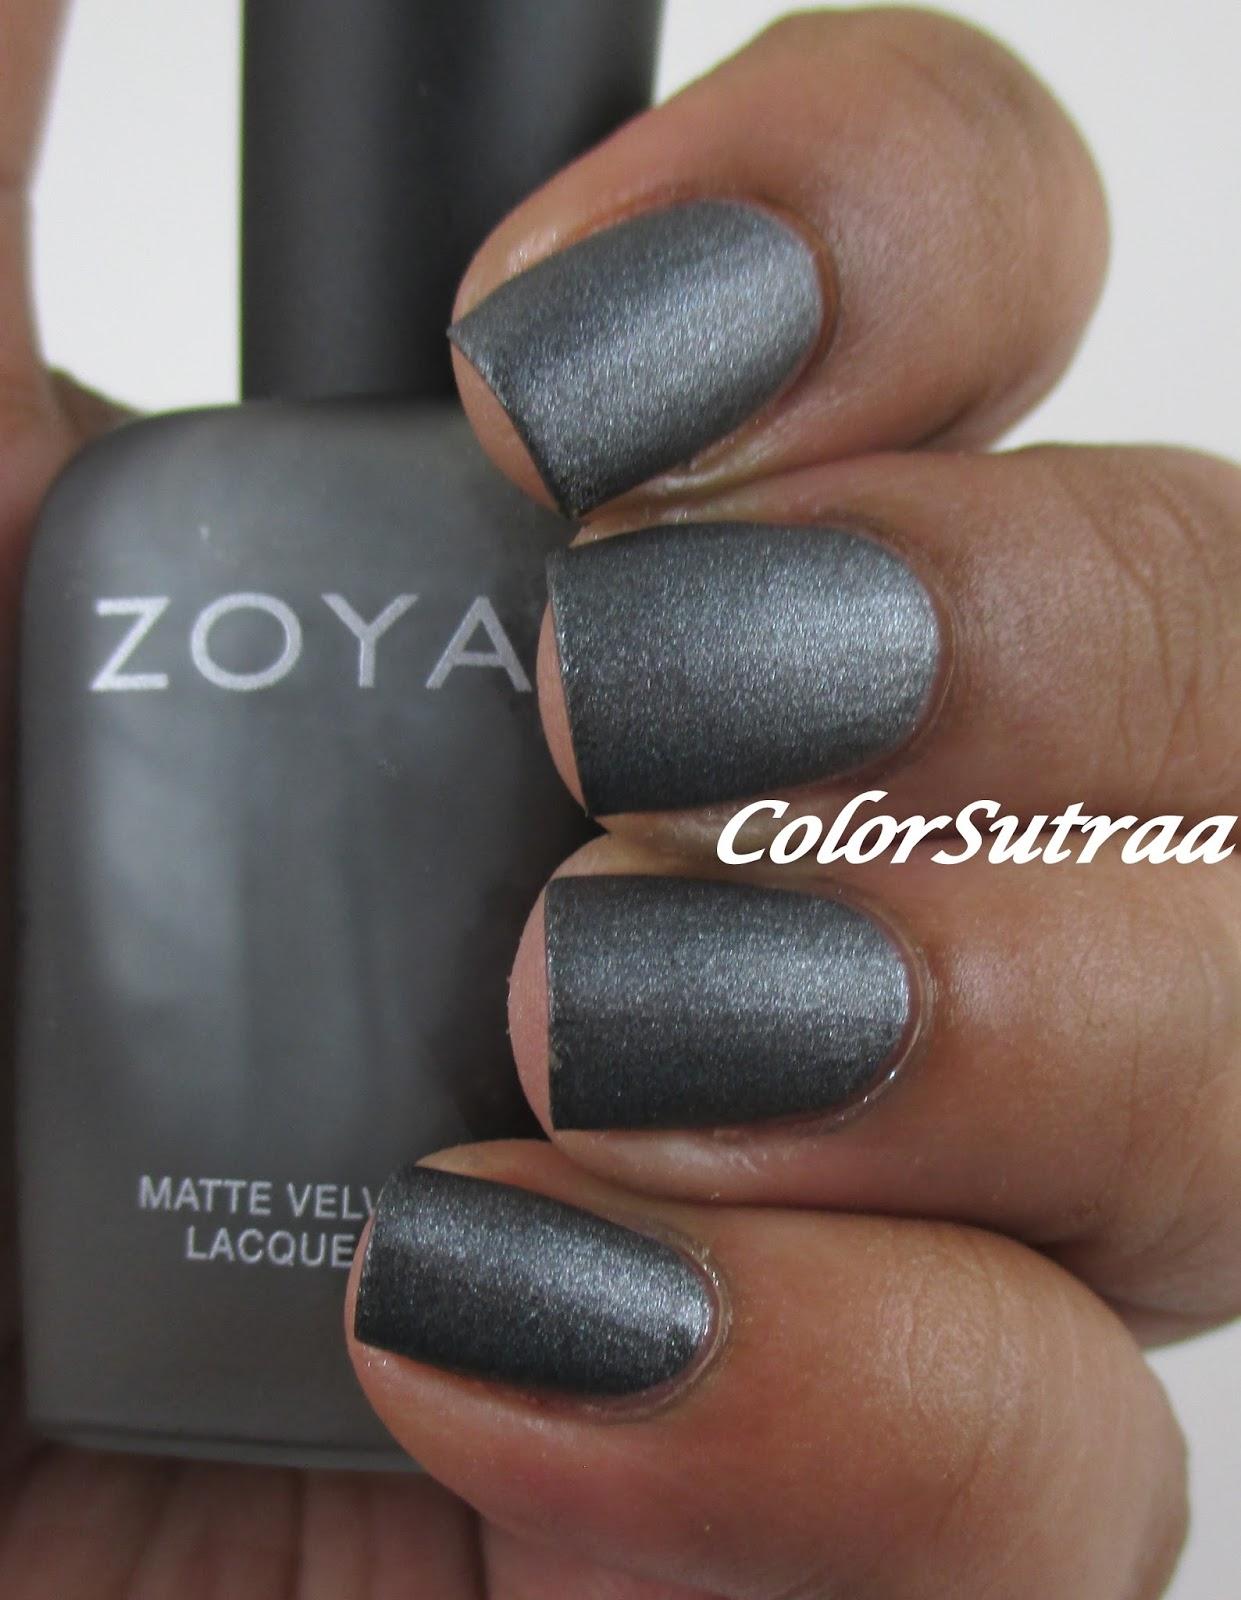 Zoya-Loredana